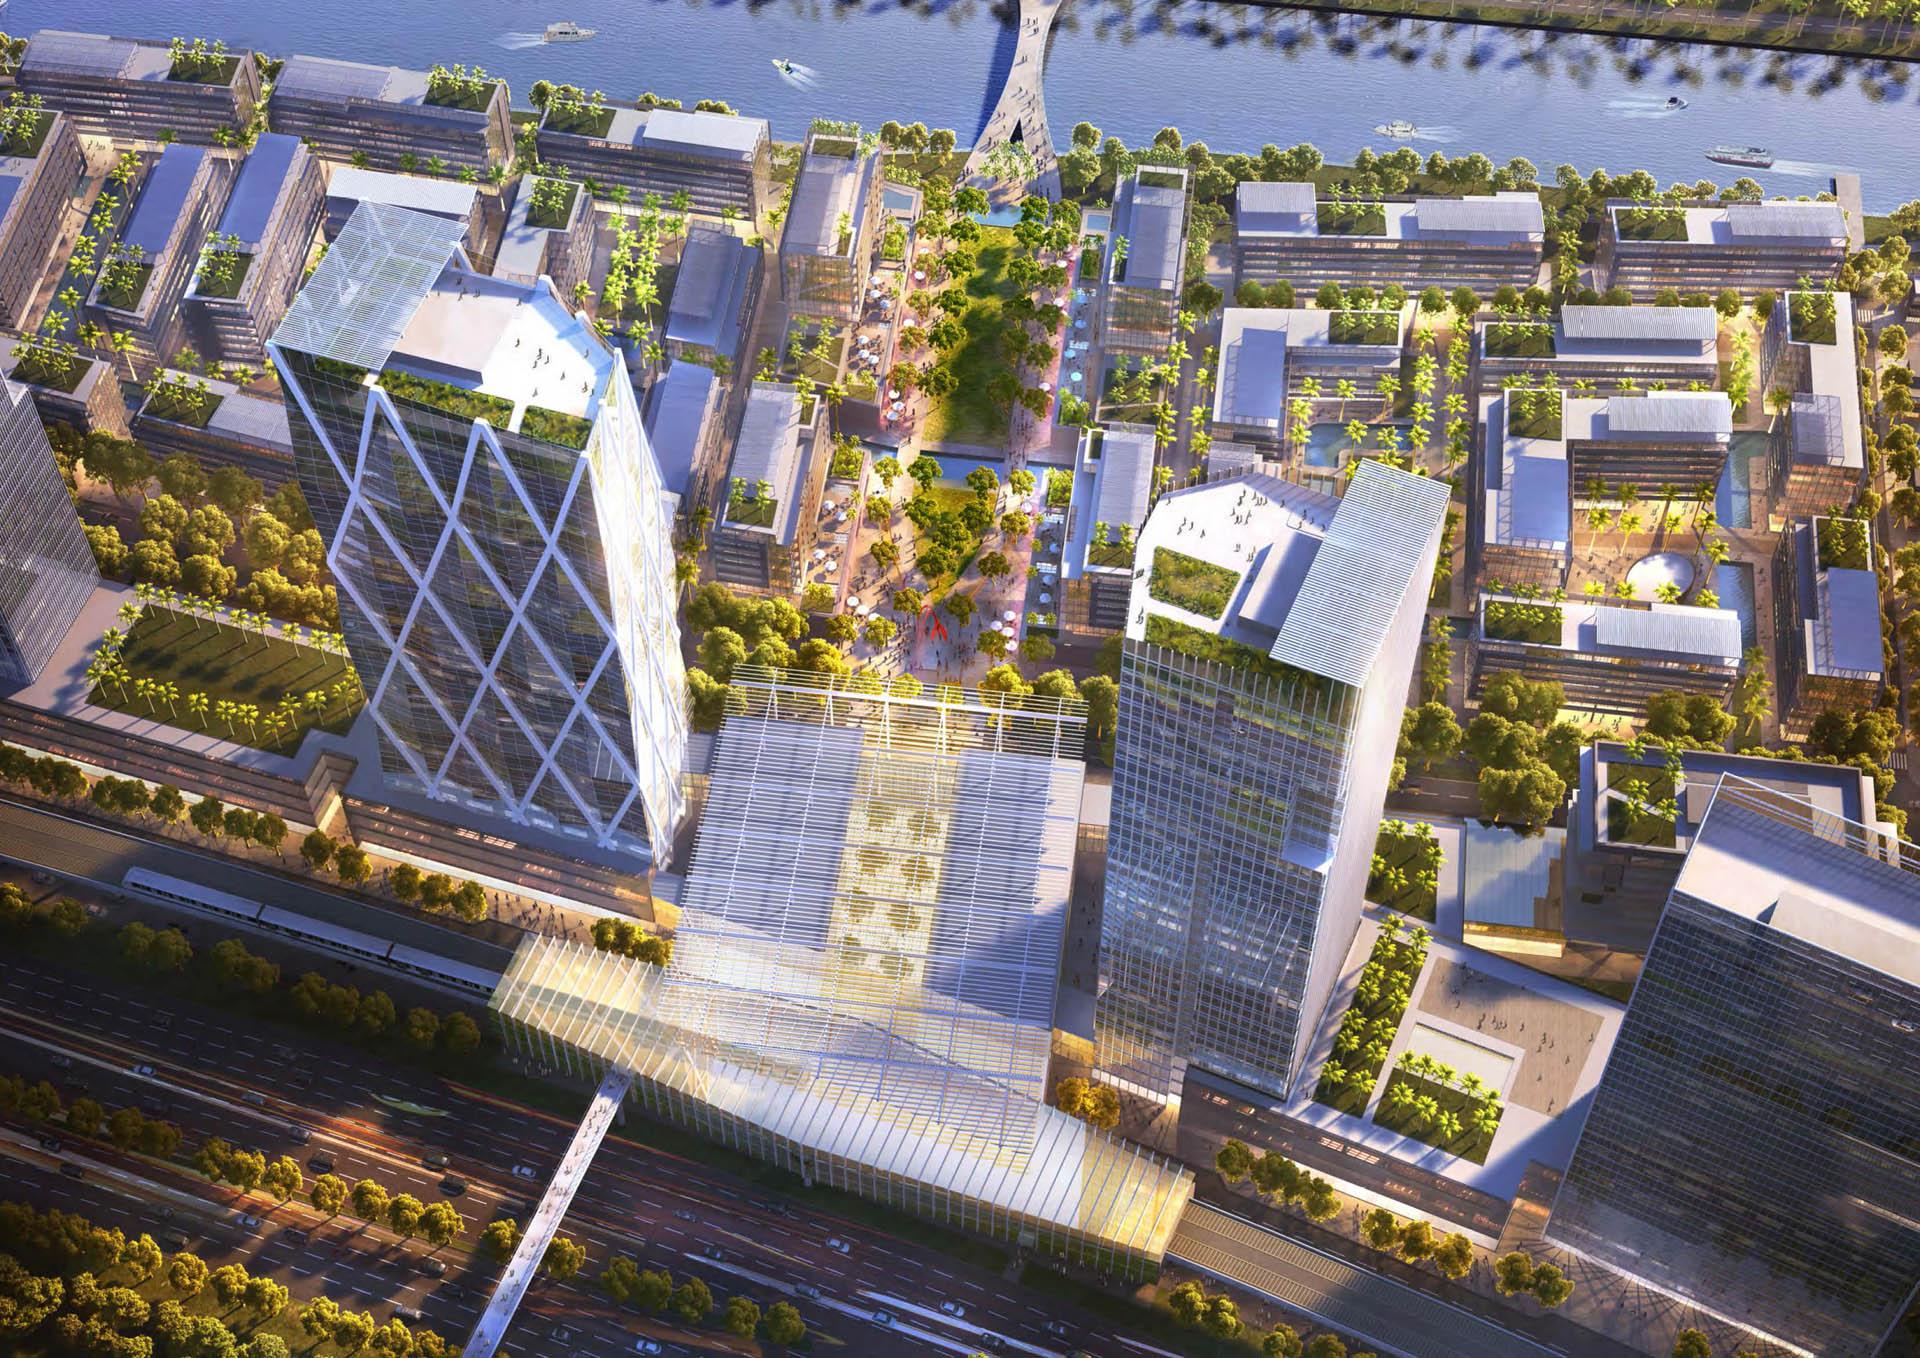 Hình ảnh tổng quan chung cư River City Thủ Đức